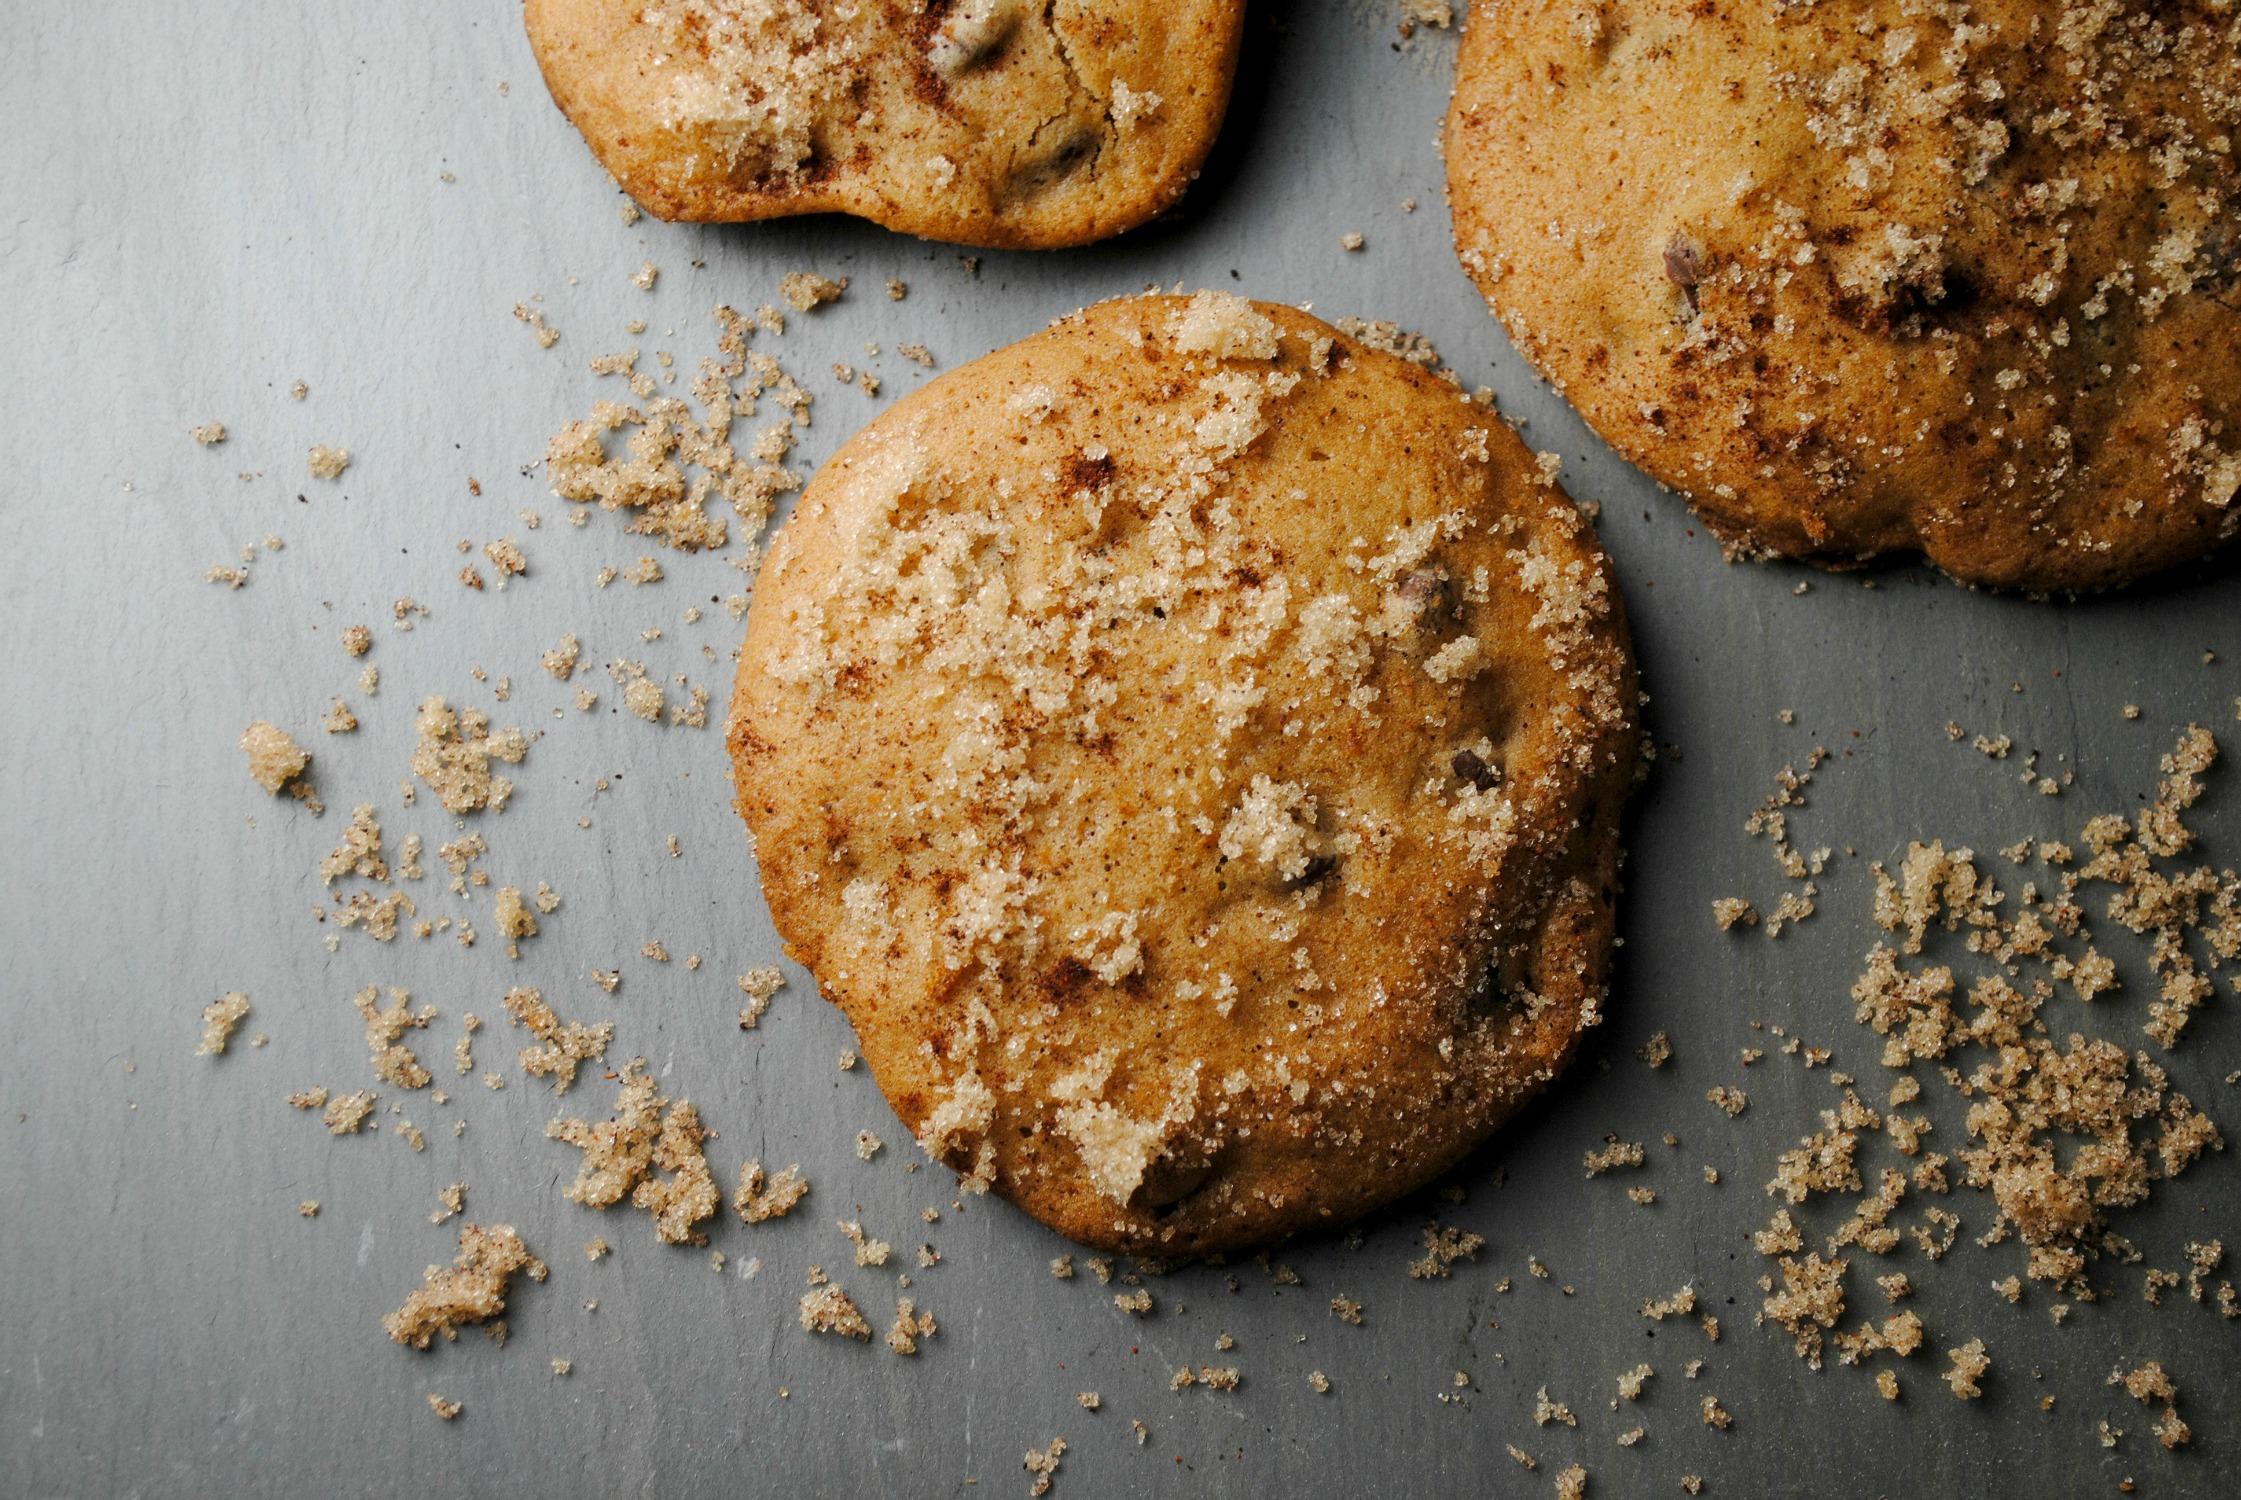 spicy-chocolate-chip-cookies-VianneyRodriguez-sweetlifebake